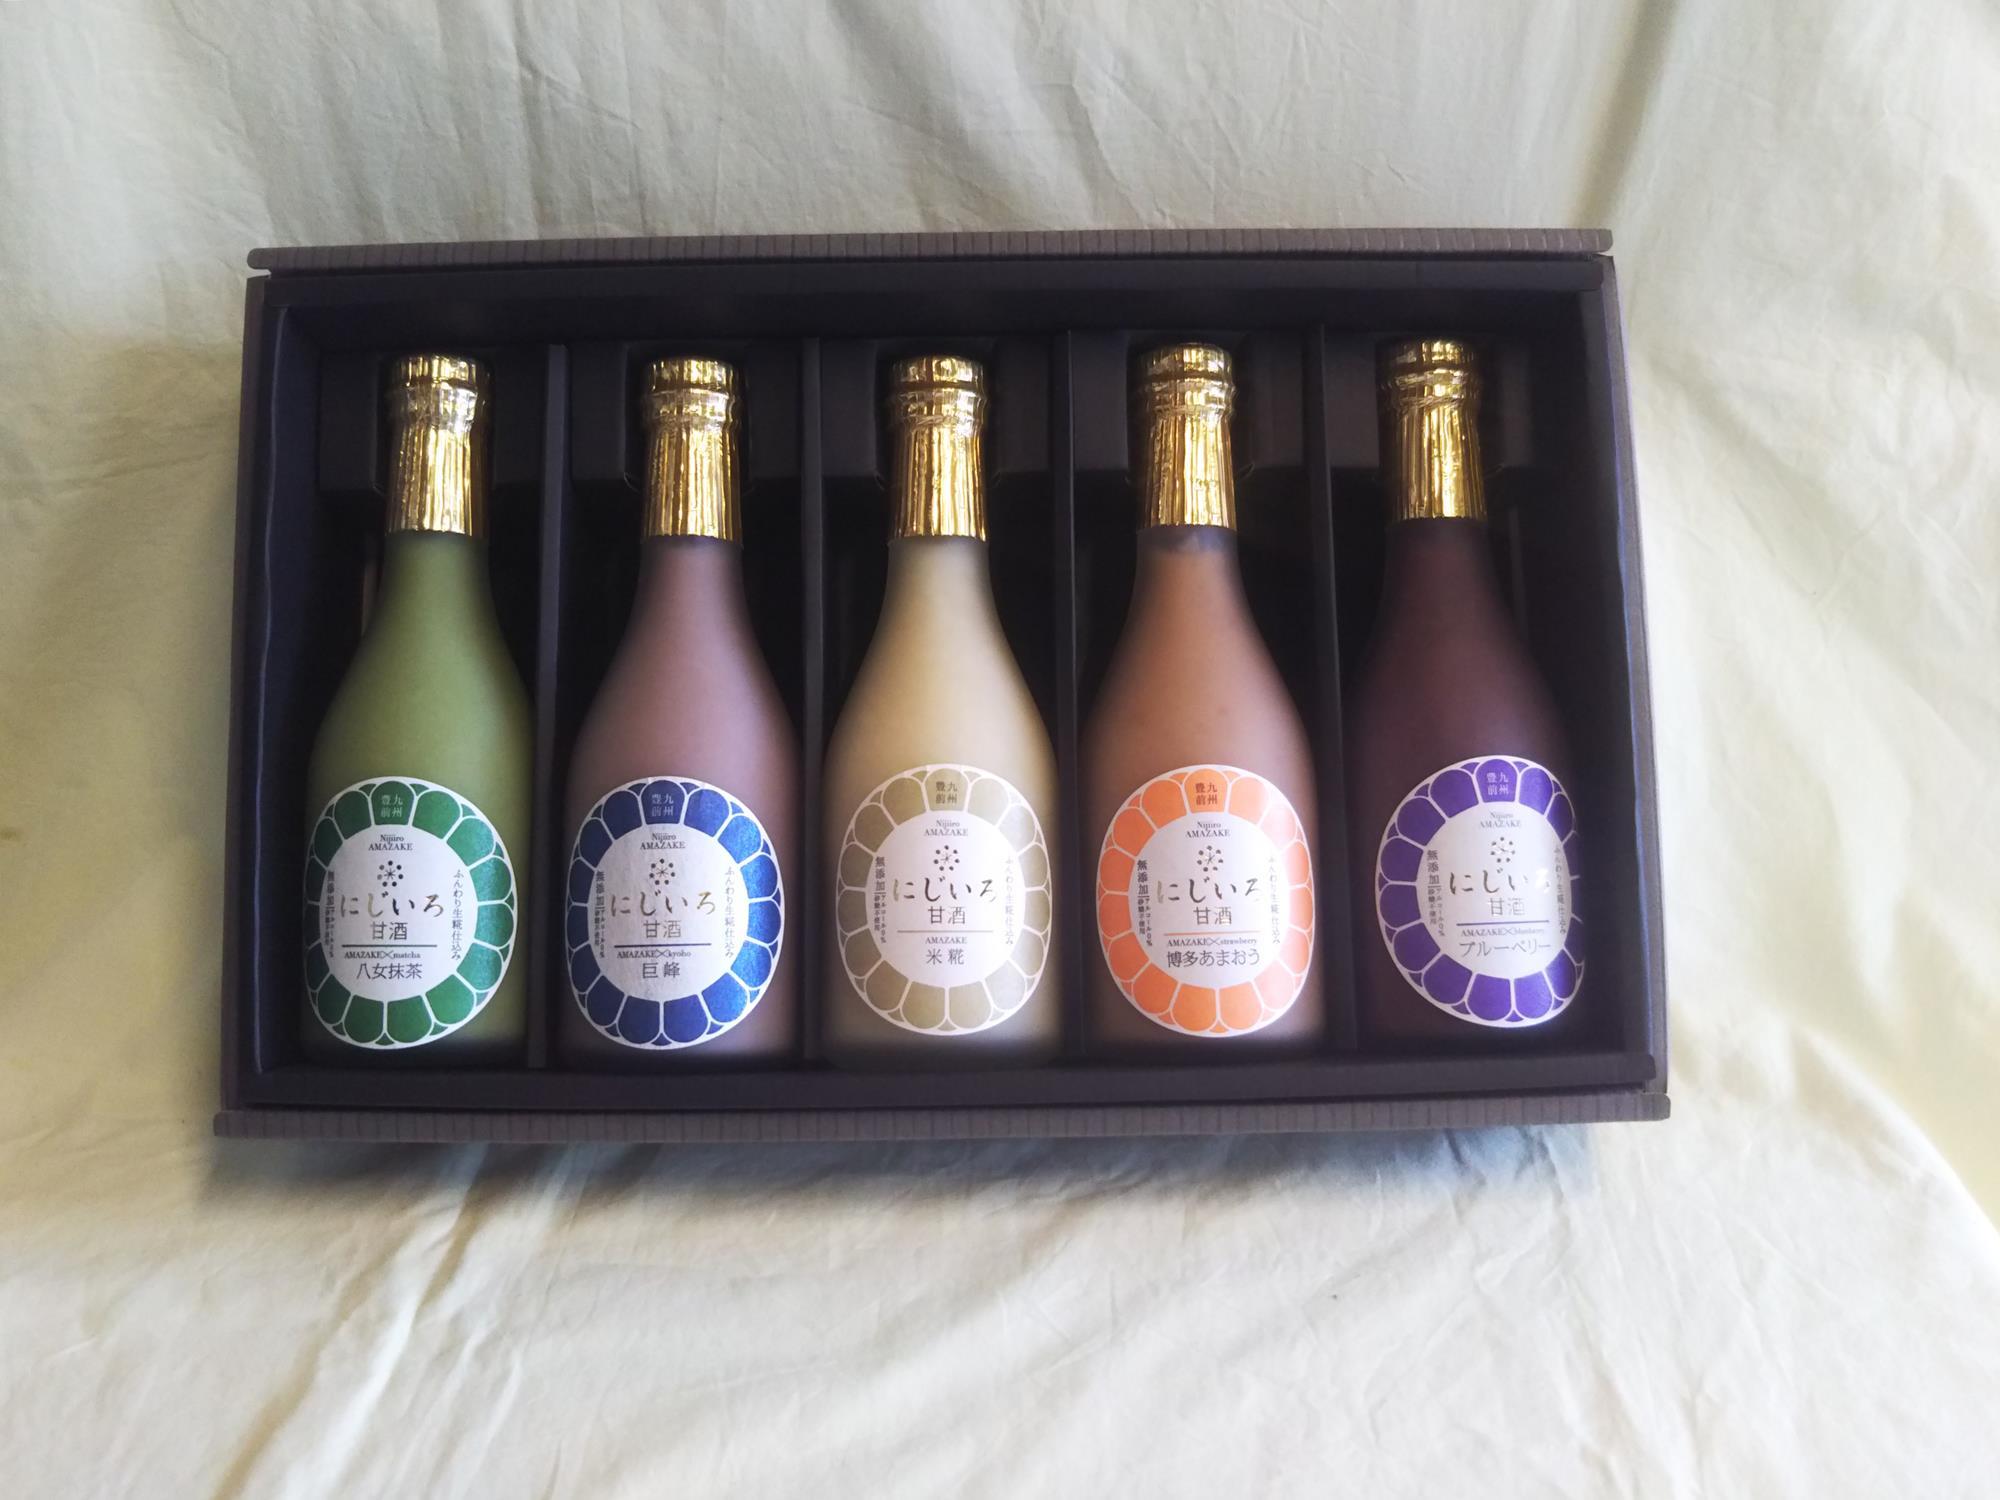 秋限定製造巨峰の甘酒も入った初秋の5色ギフト(巨峰・ブルーベリー・博多あまおう・八女抹茶・米糀)敬老の日・お祝い・プレゼント